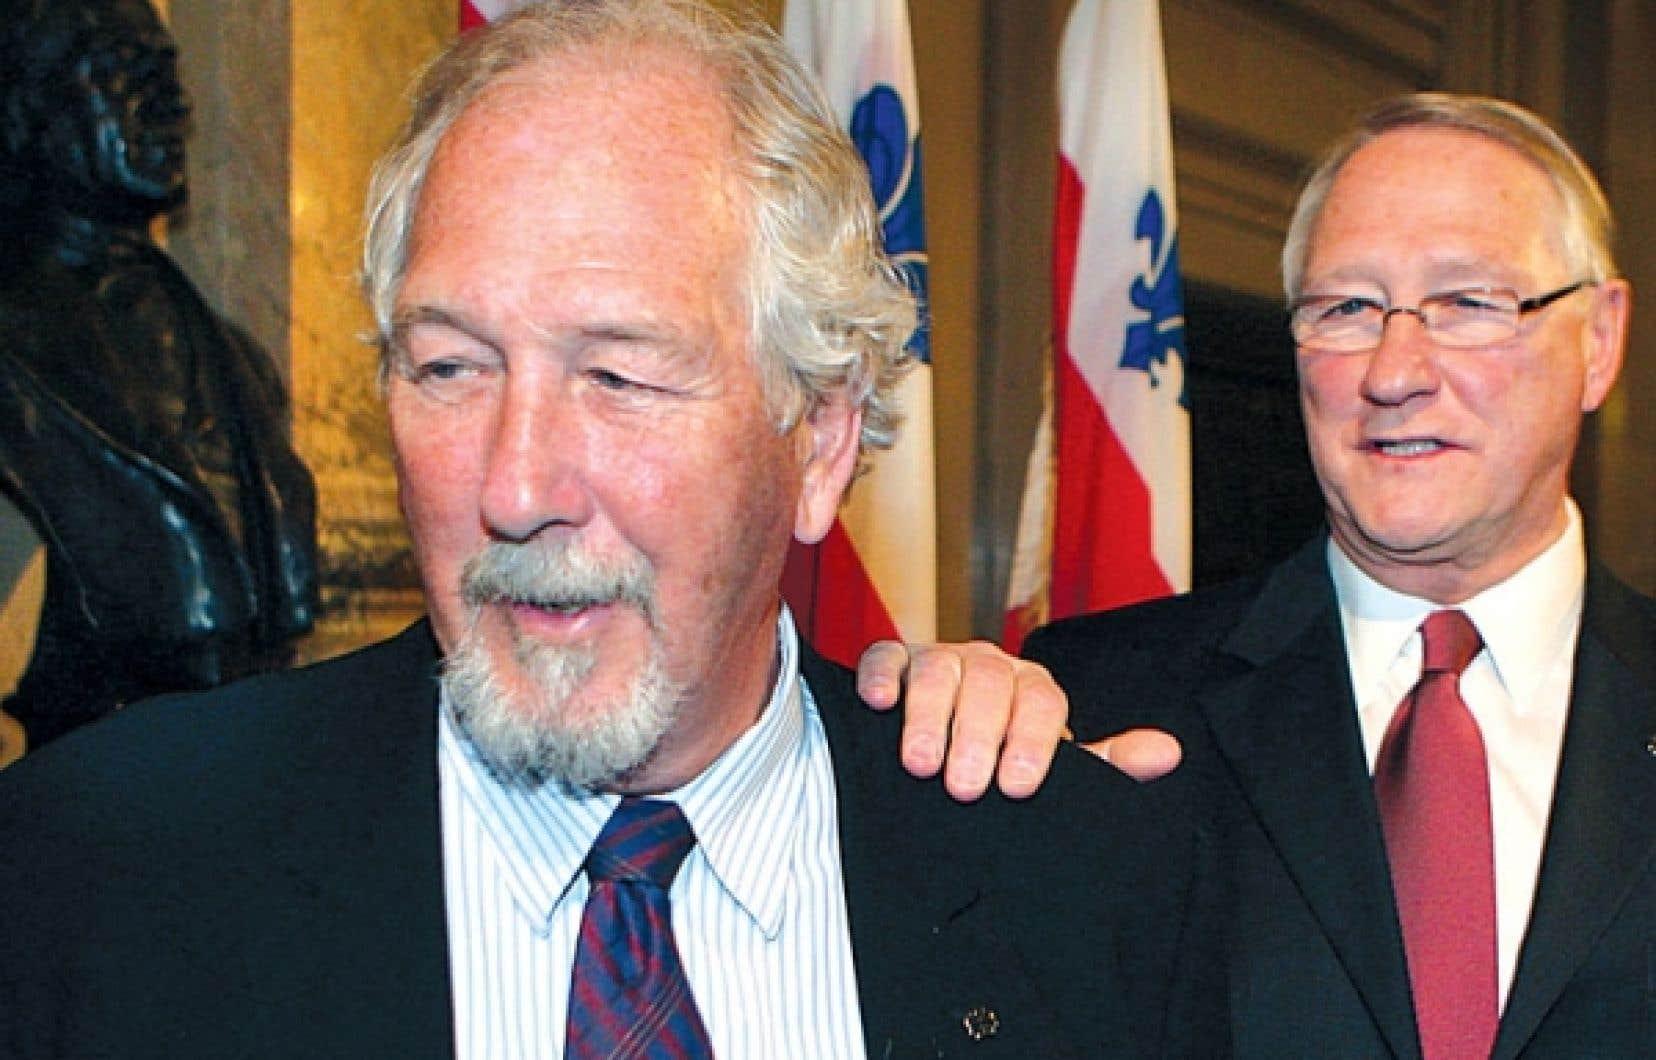 Marcel et Gérald Tremblay en janvier 2009, lors du dévoilement des préparatifs en vue du 375e anniversaire de Montréal